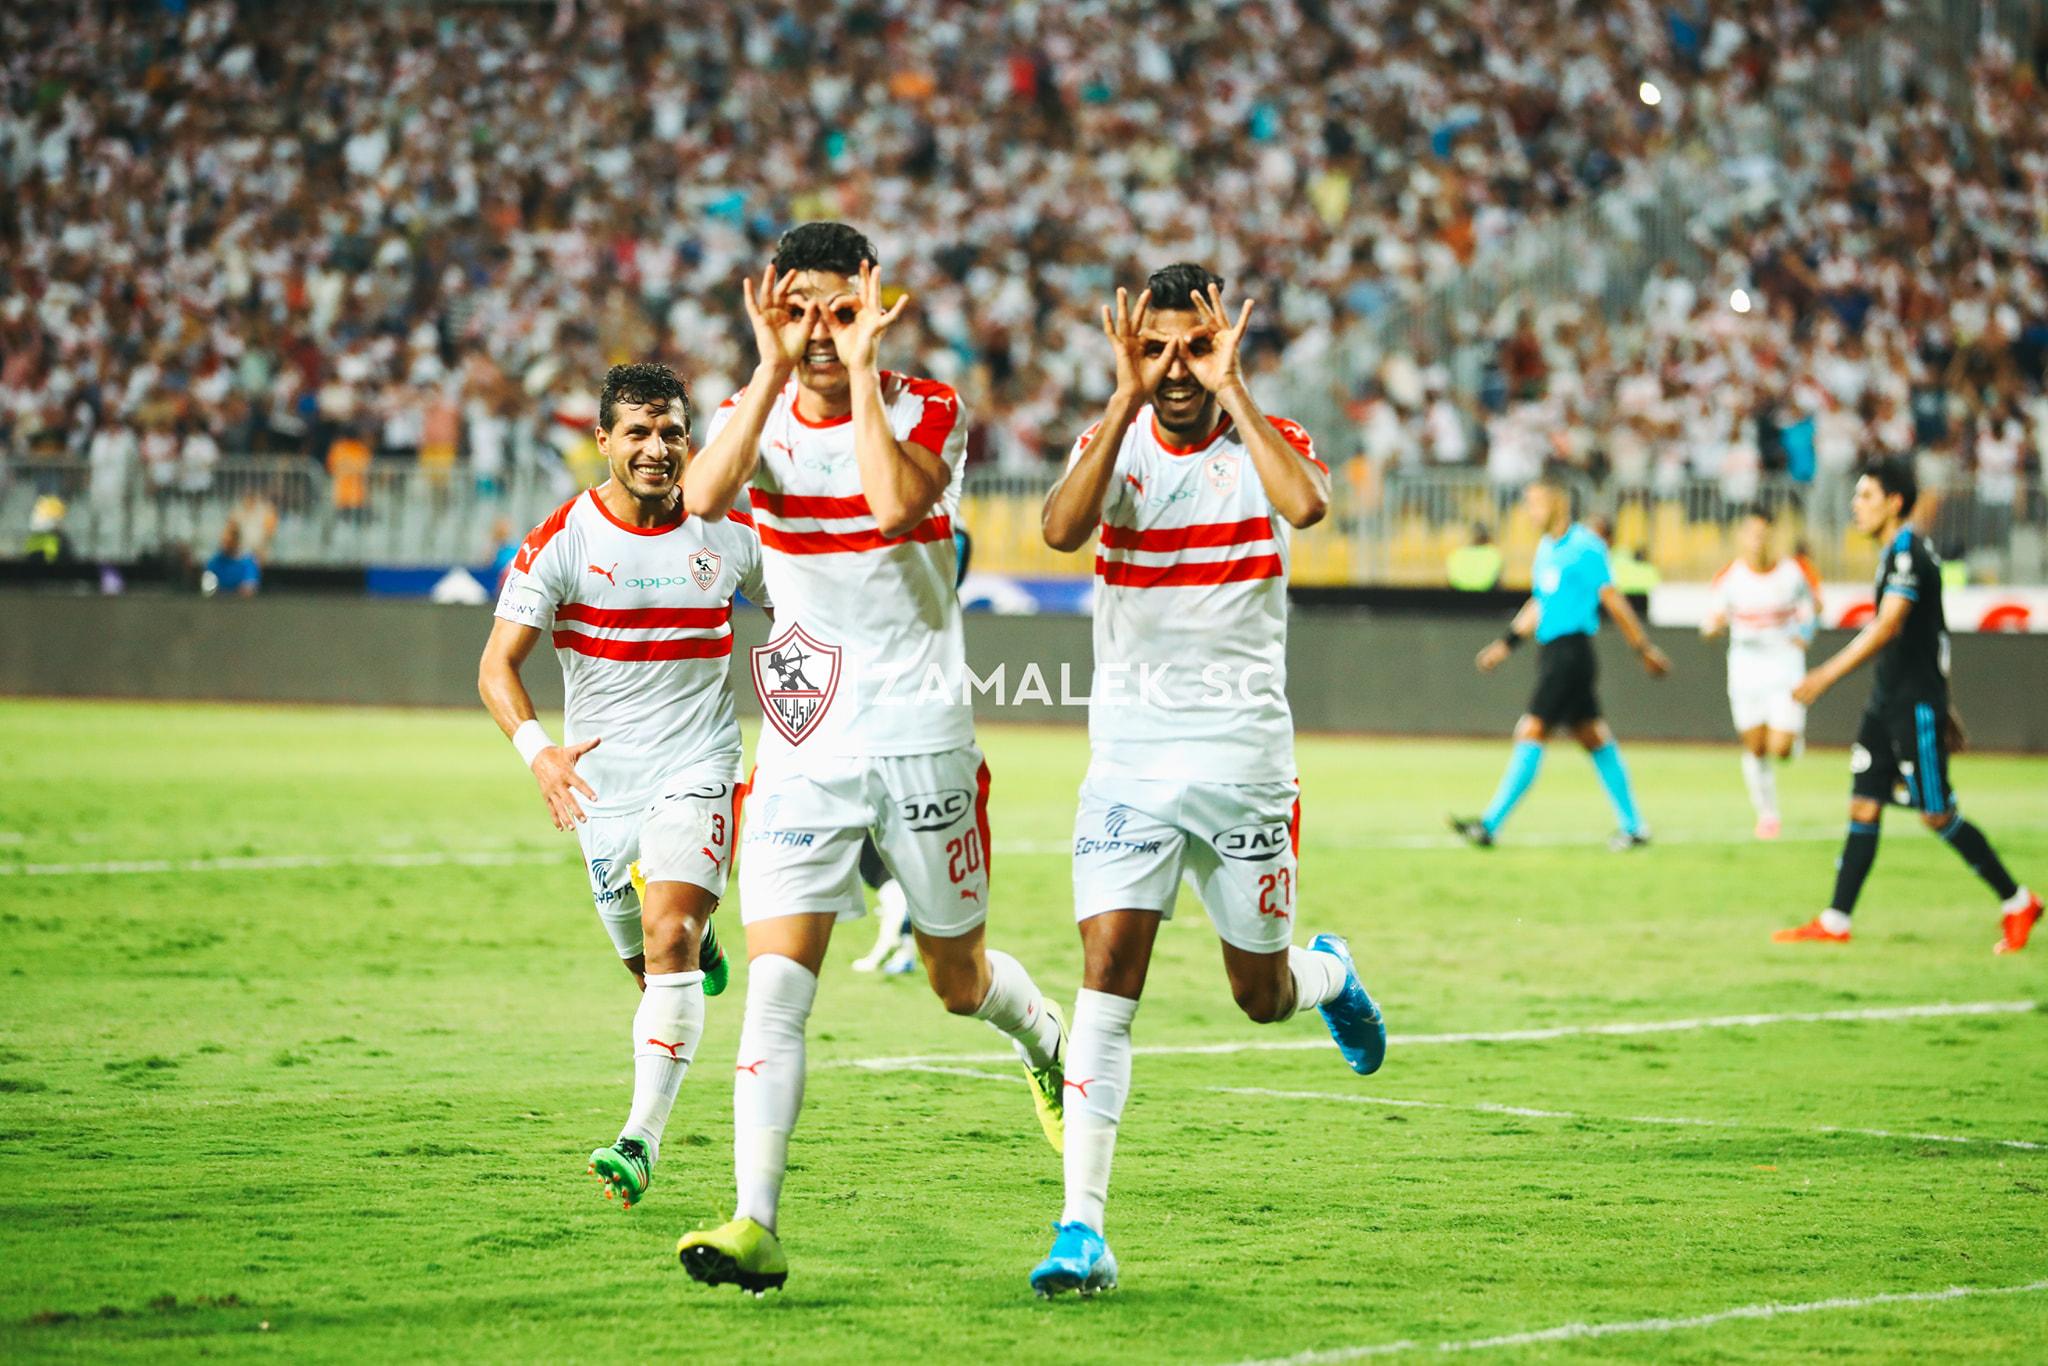 بنشرقي أول أجنبي في الزمالك يفعلها بتاريخ كأس مصر